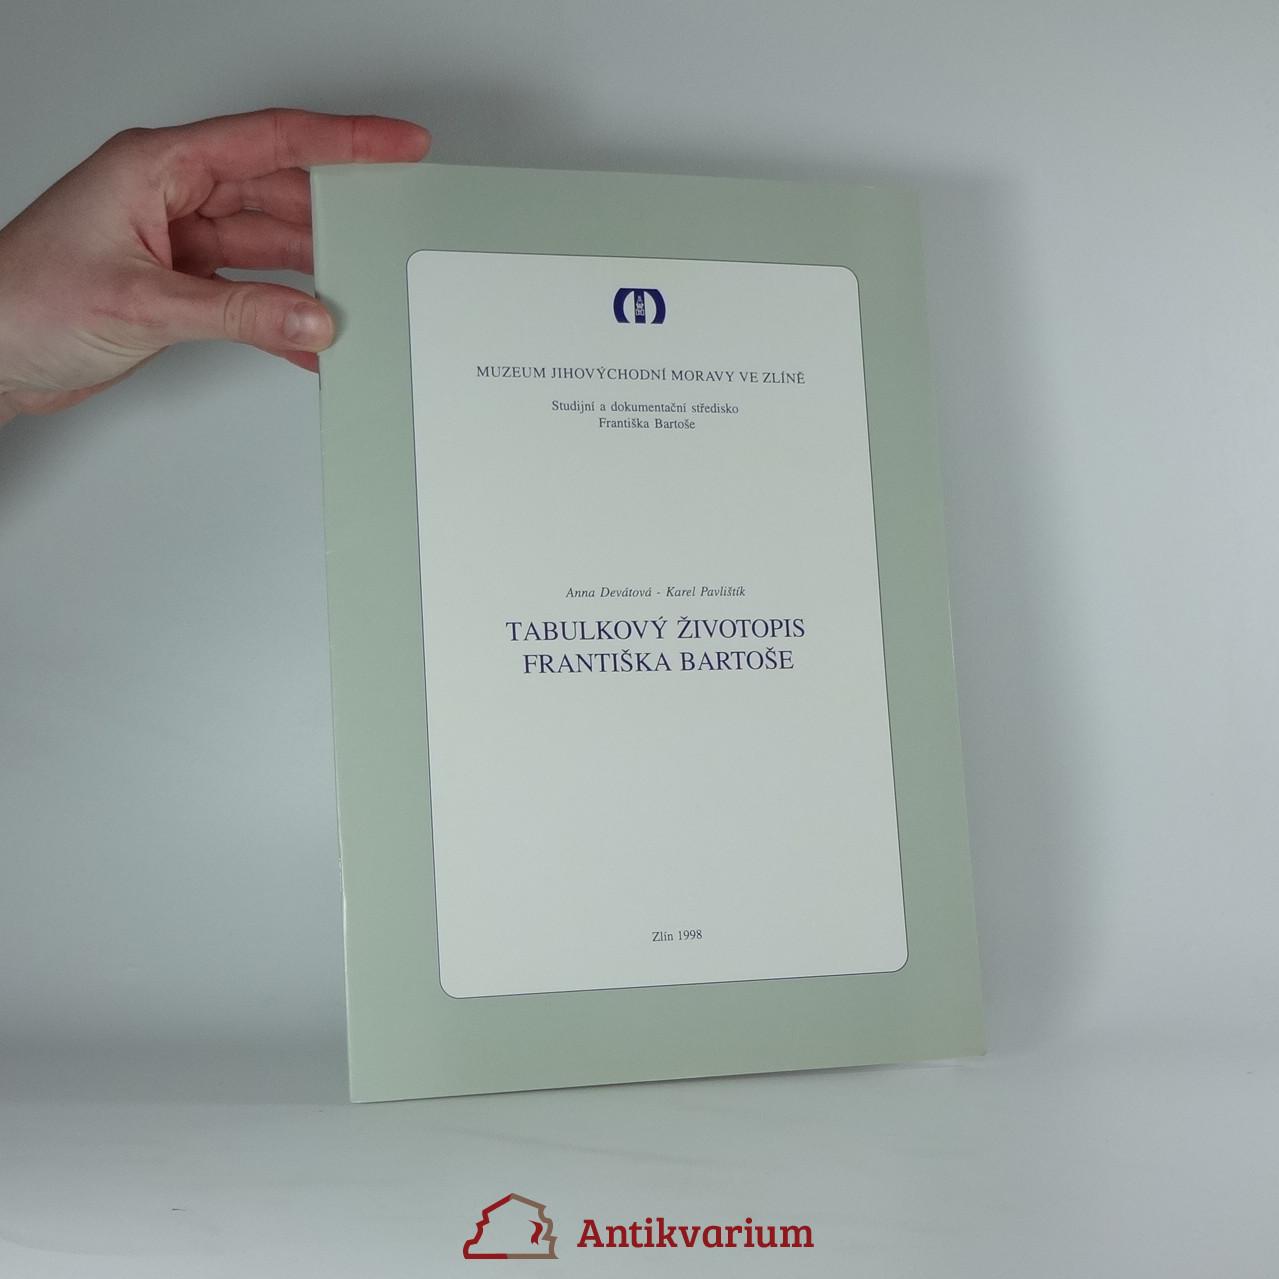 antikvární kniha Tabulkový životopis Františka Bartoše, 1998